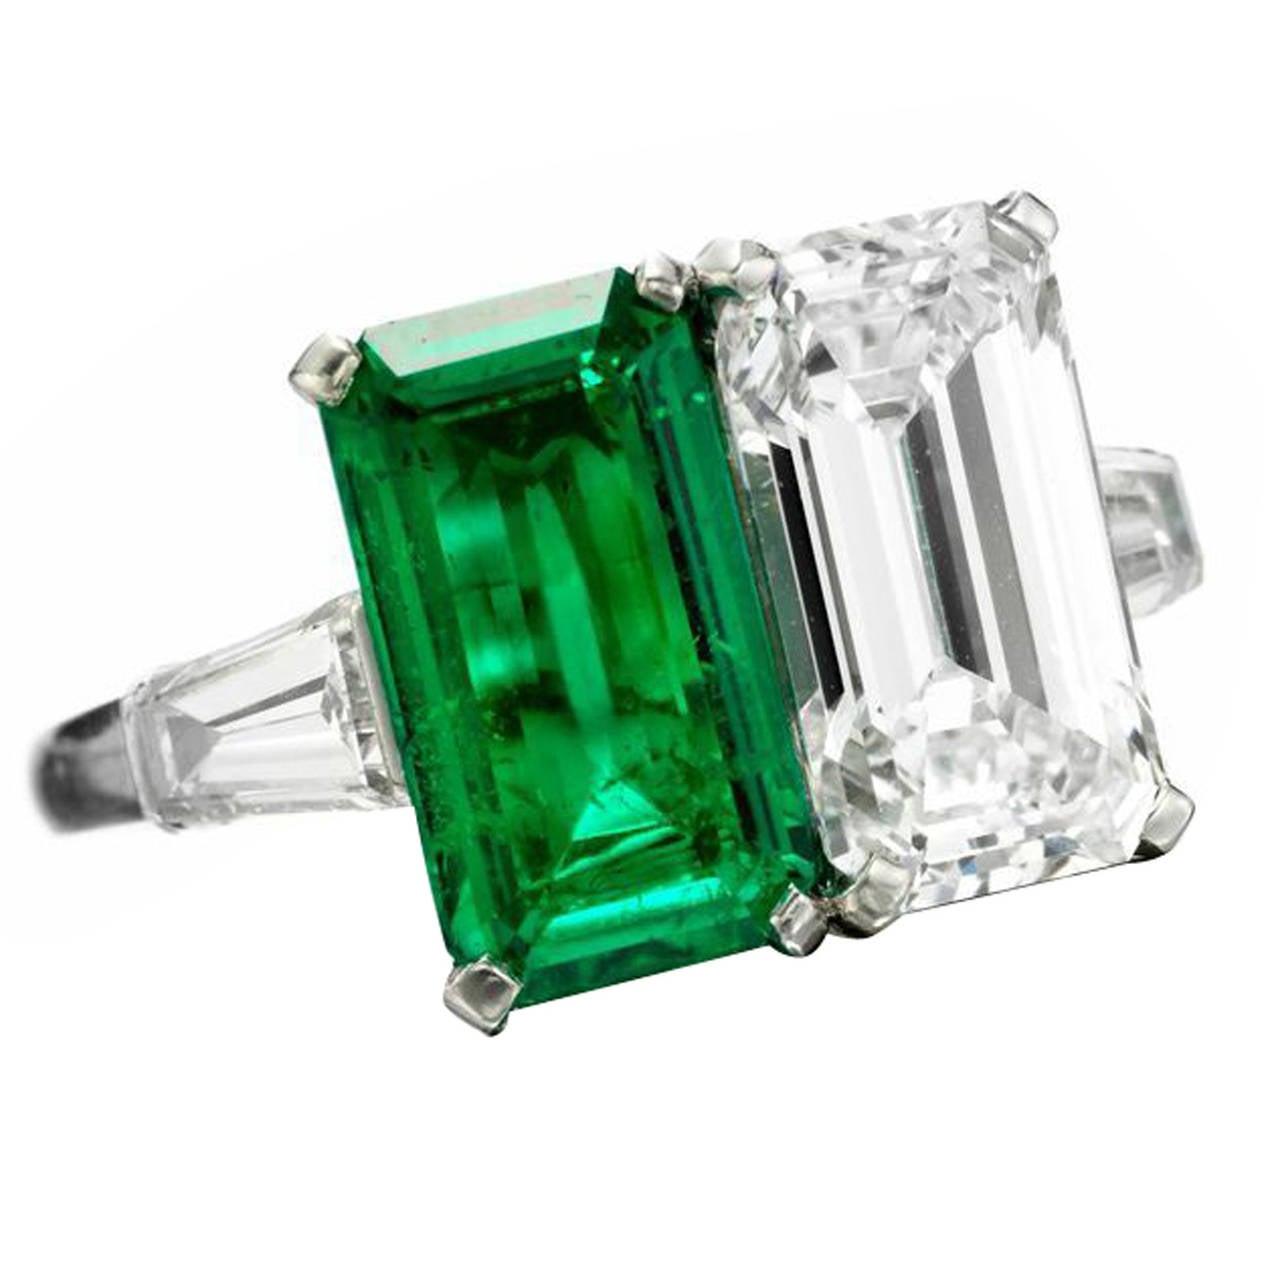 bulgari emerald and ring at 1stdibs